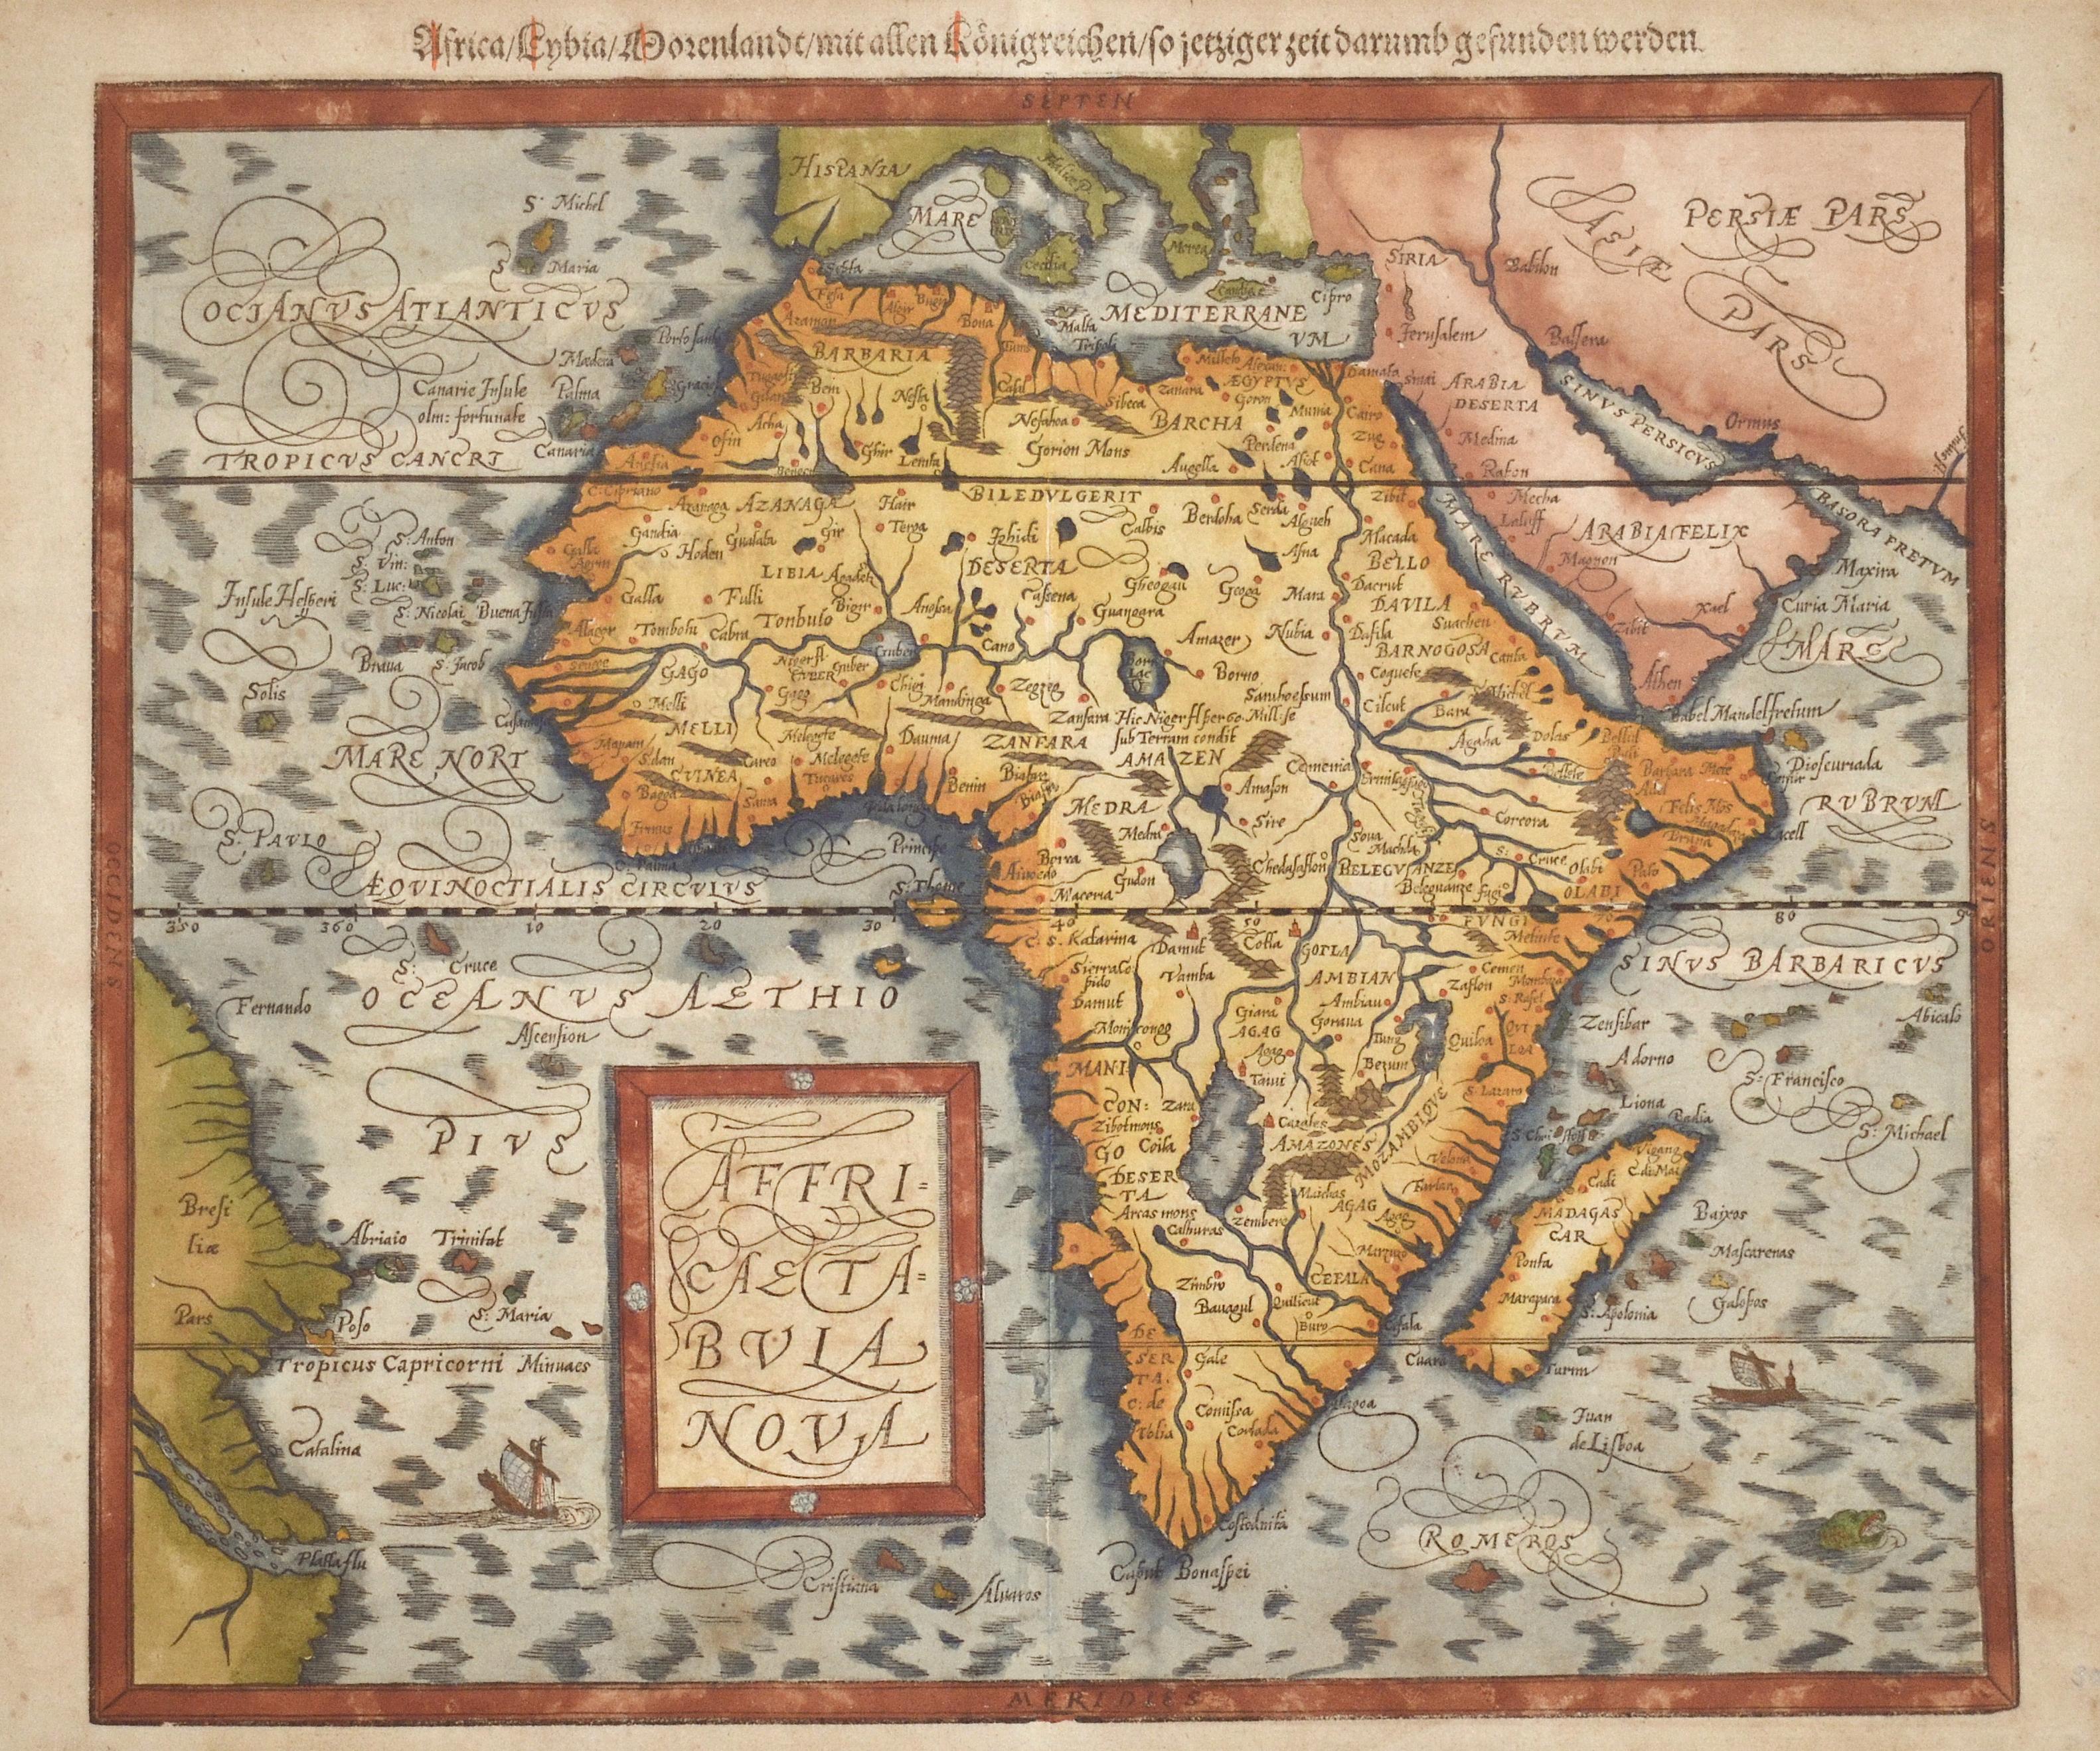 Münster Sebastian Africa / Lybia/ Morenlandt mit allen Königreichen so jetziger zeit darumb gefunden werden